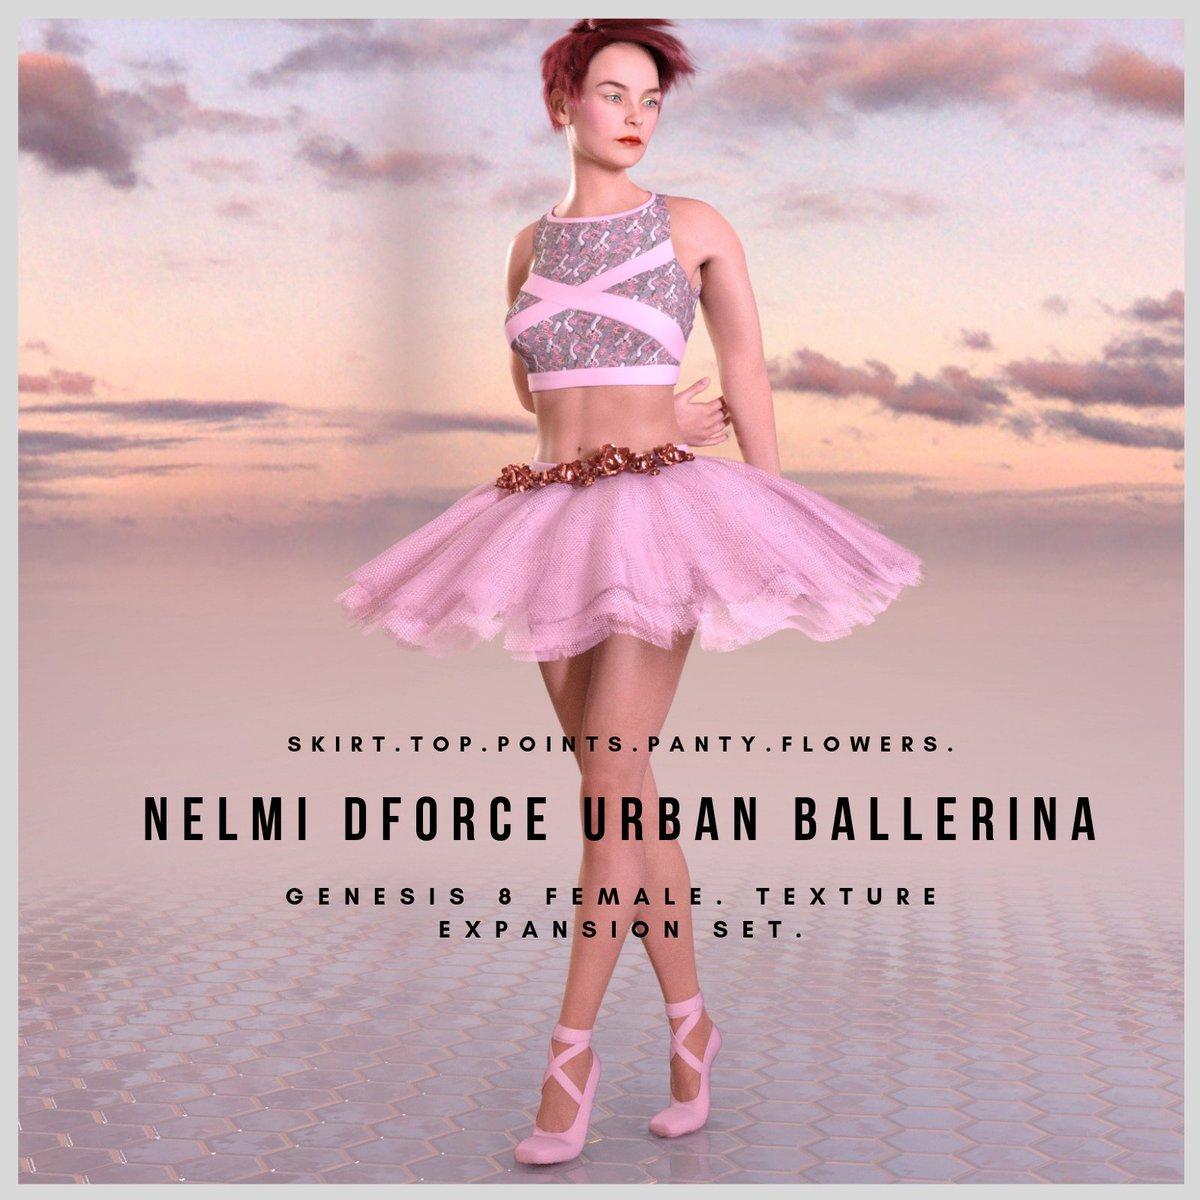 15f0bf4029a3 #3dclothing #nelmi #renderosity #daz3d #daz #clothingtextures #iray  #daziray #genesis8female #genesis8 #ballerina #3delight #textures #dancing  ...